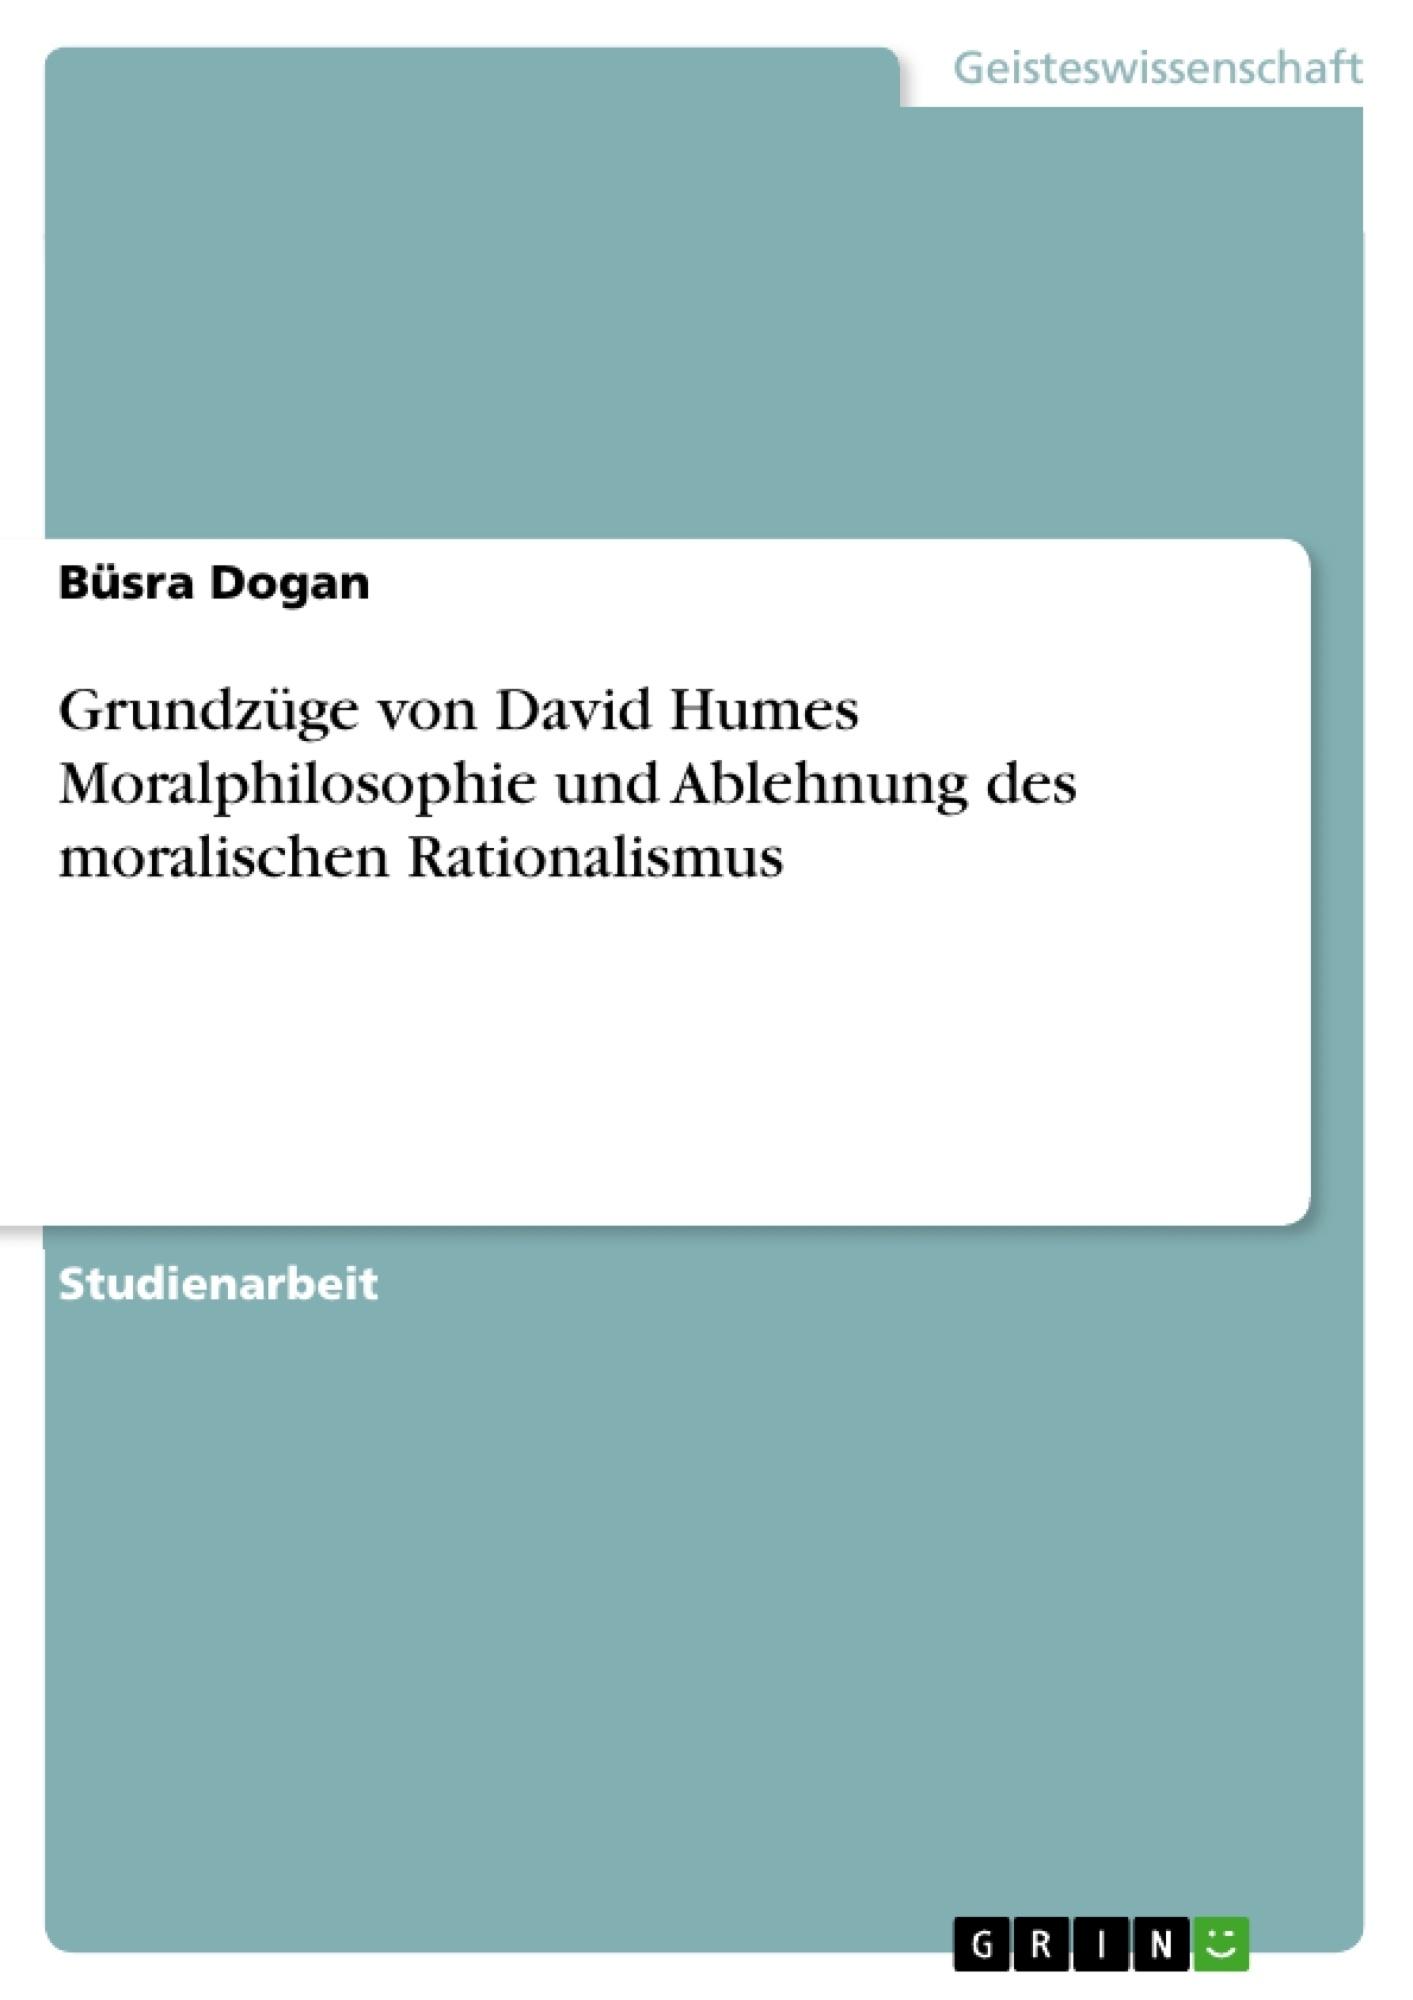 Titel: Grundzüge von David Humes Moralphilosophie und Ablehnung des moralischen Rationalismus